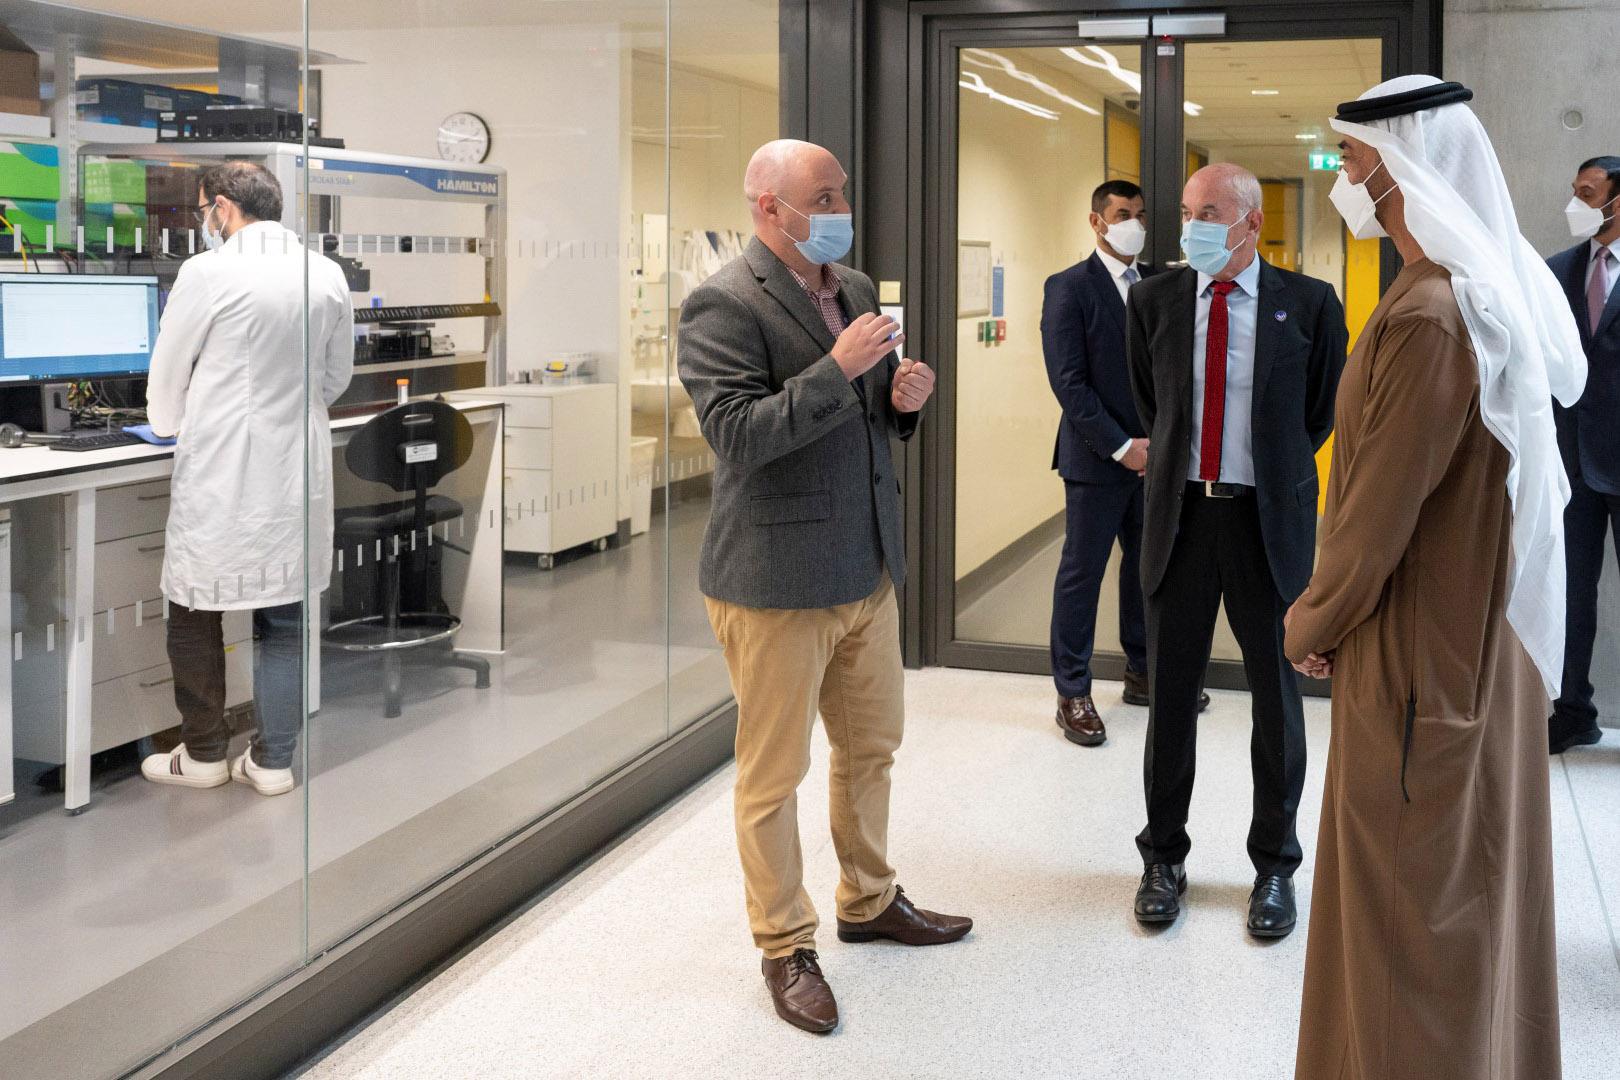 بن زايد يزور مركز زايد لأبحاث الأمراض النادرة لدى الأطفال في لندن. (large) (2)